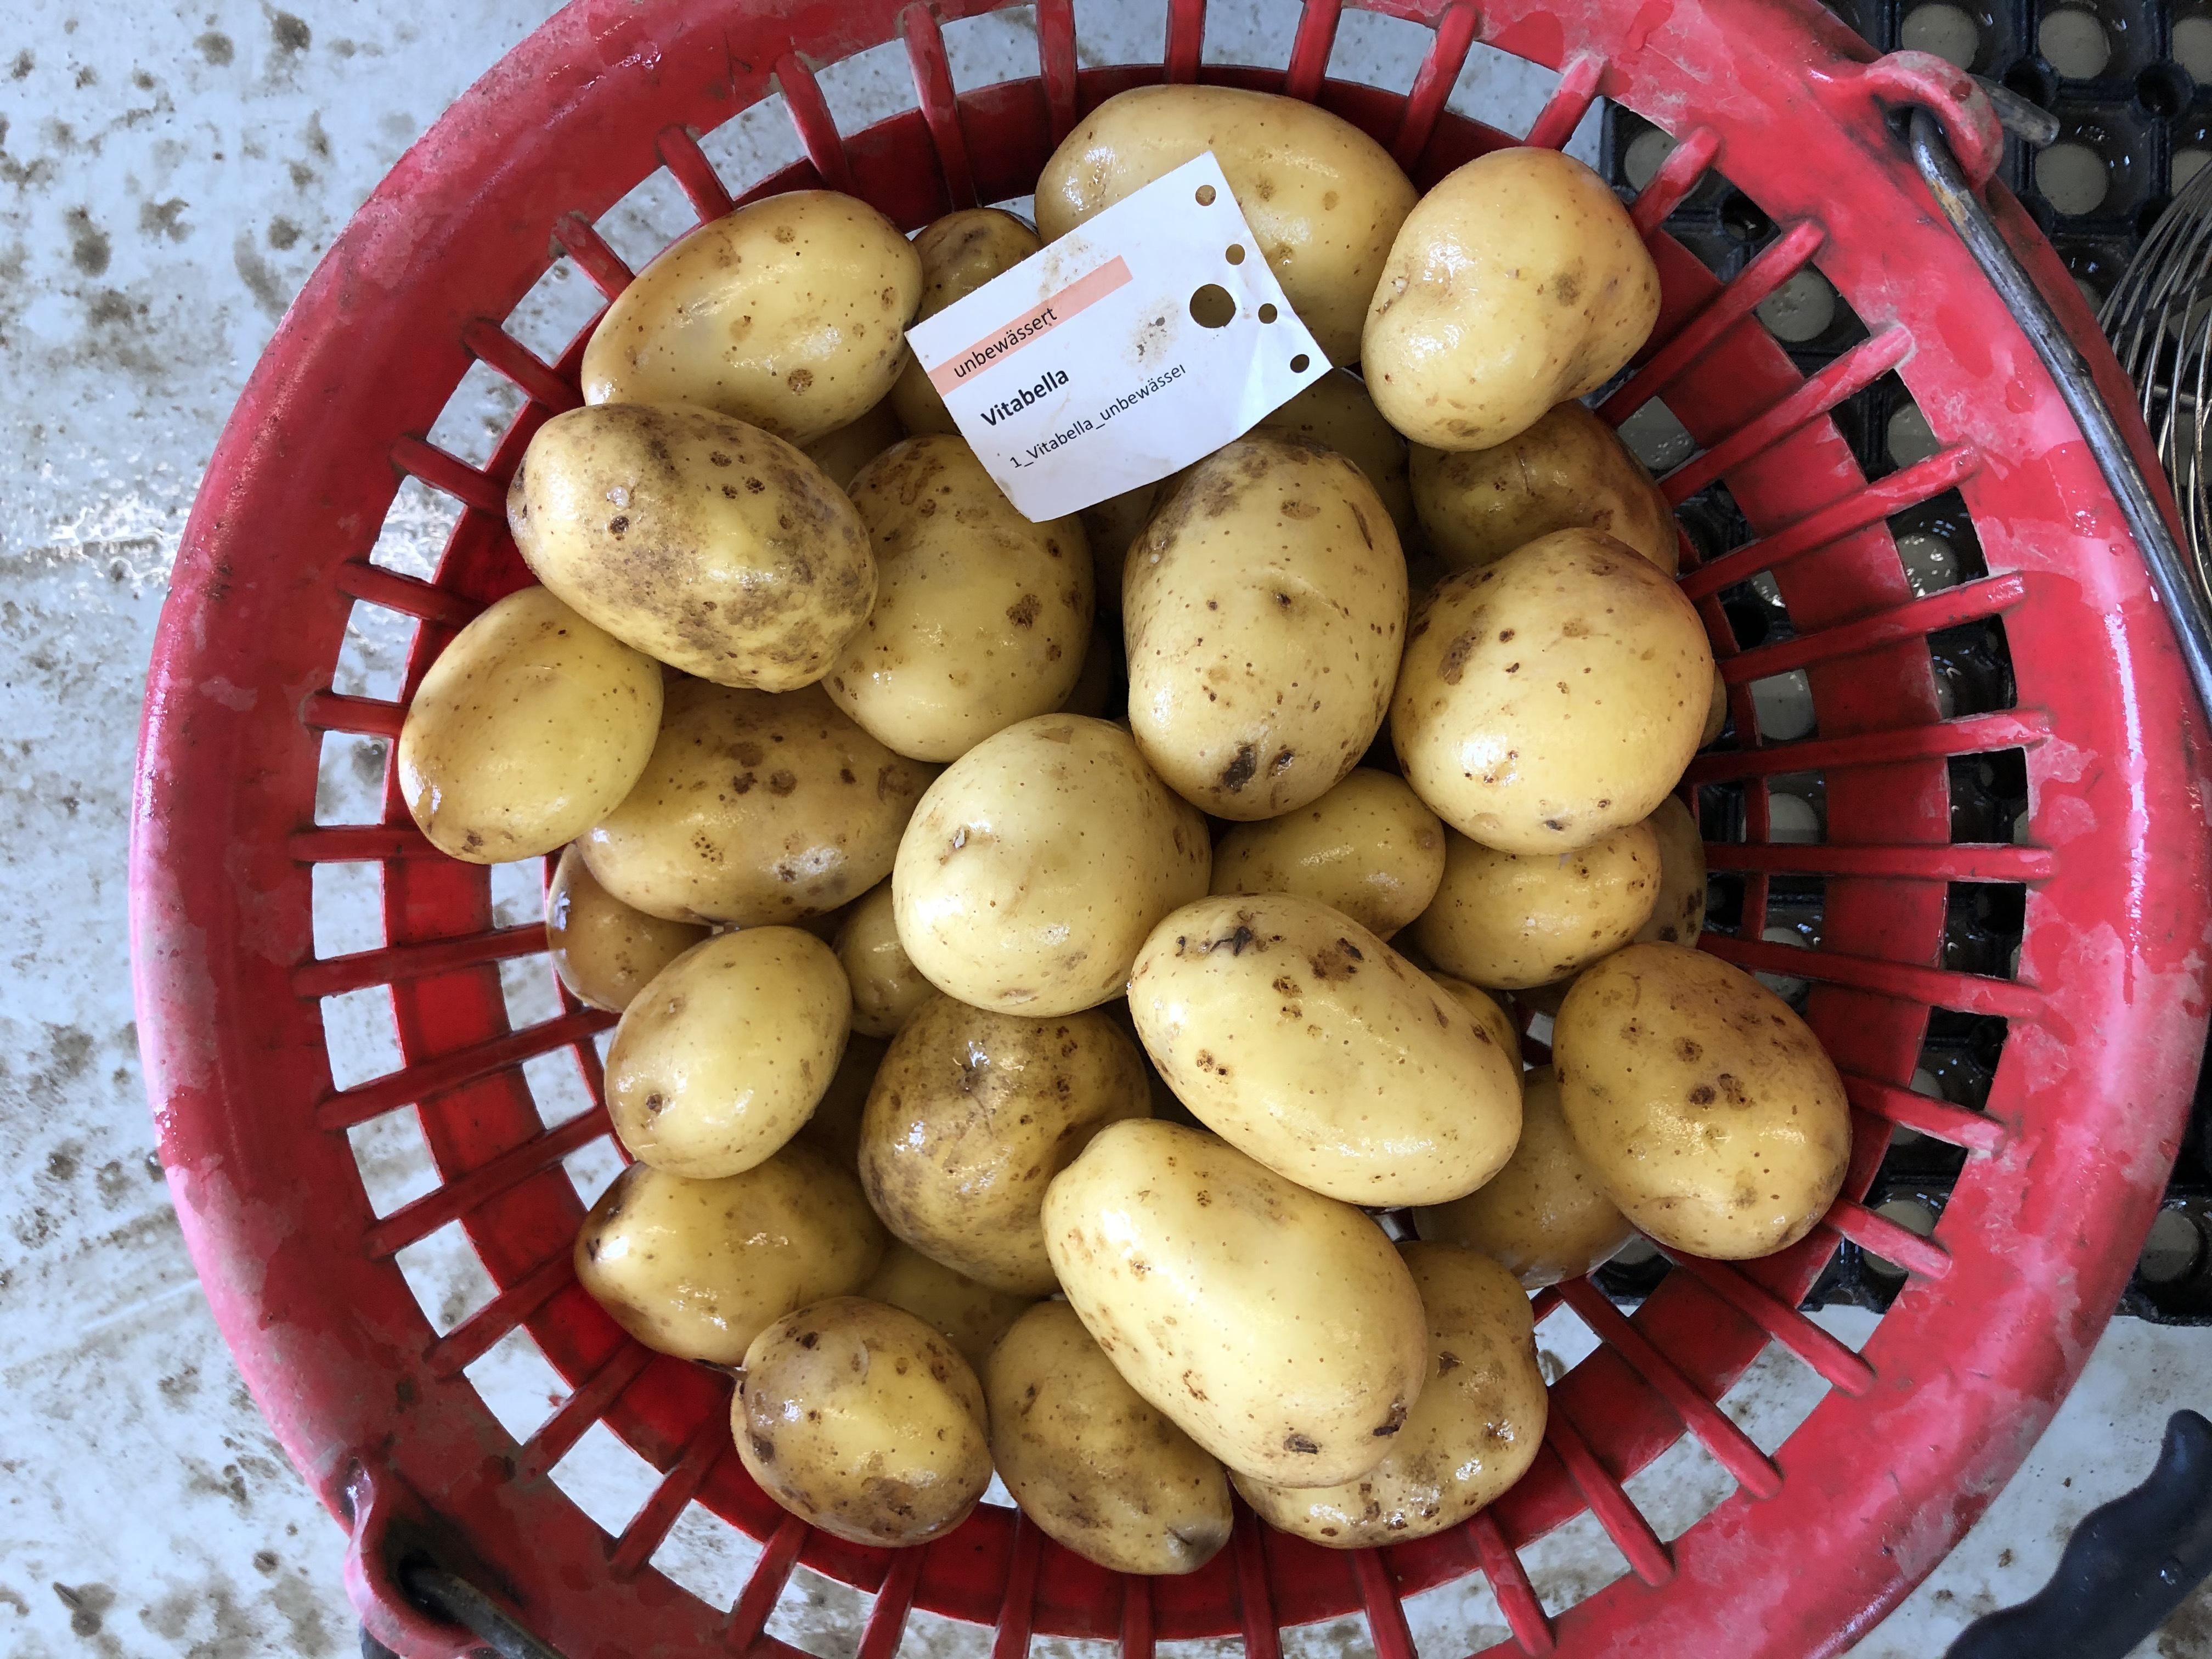 Waschprobe Sorte Vitabella Kartoffeln